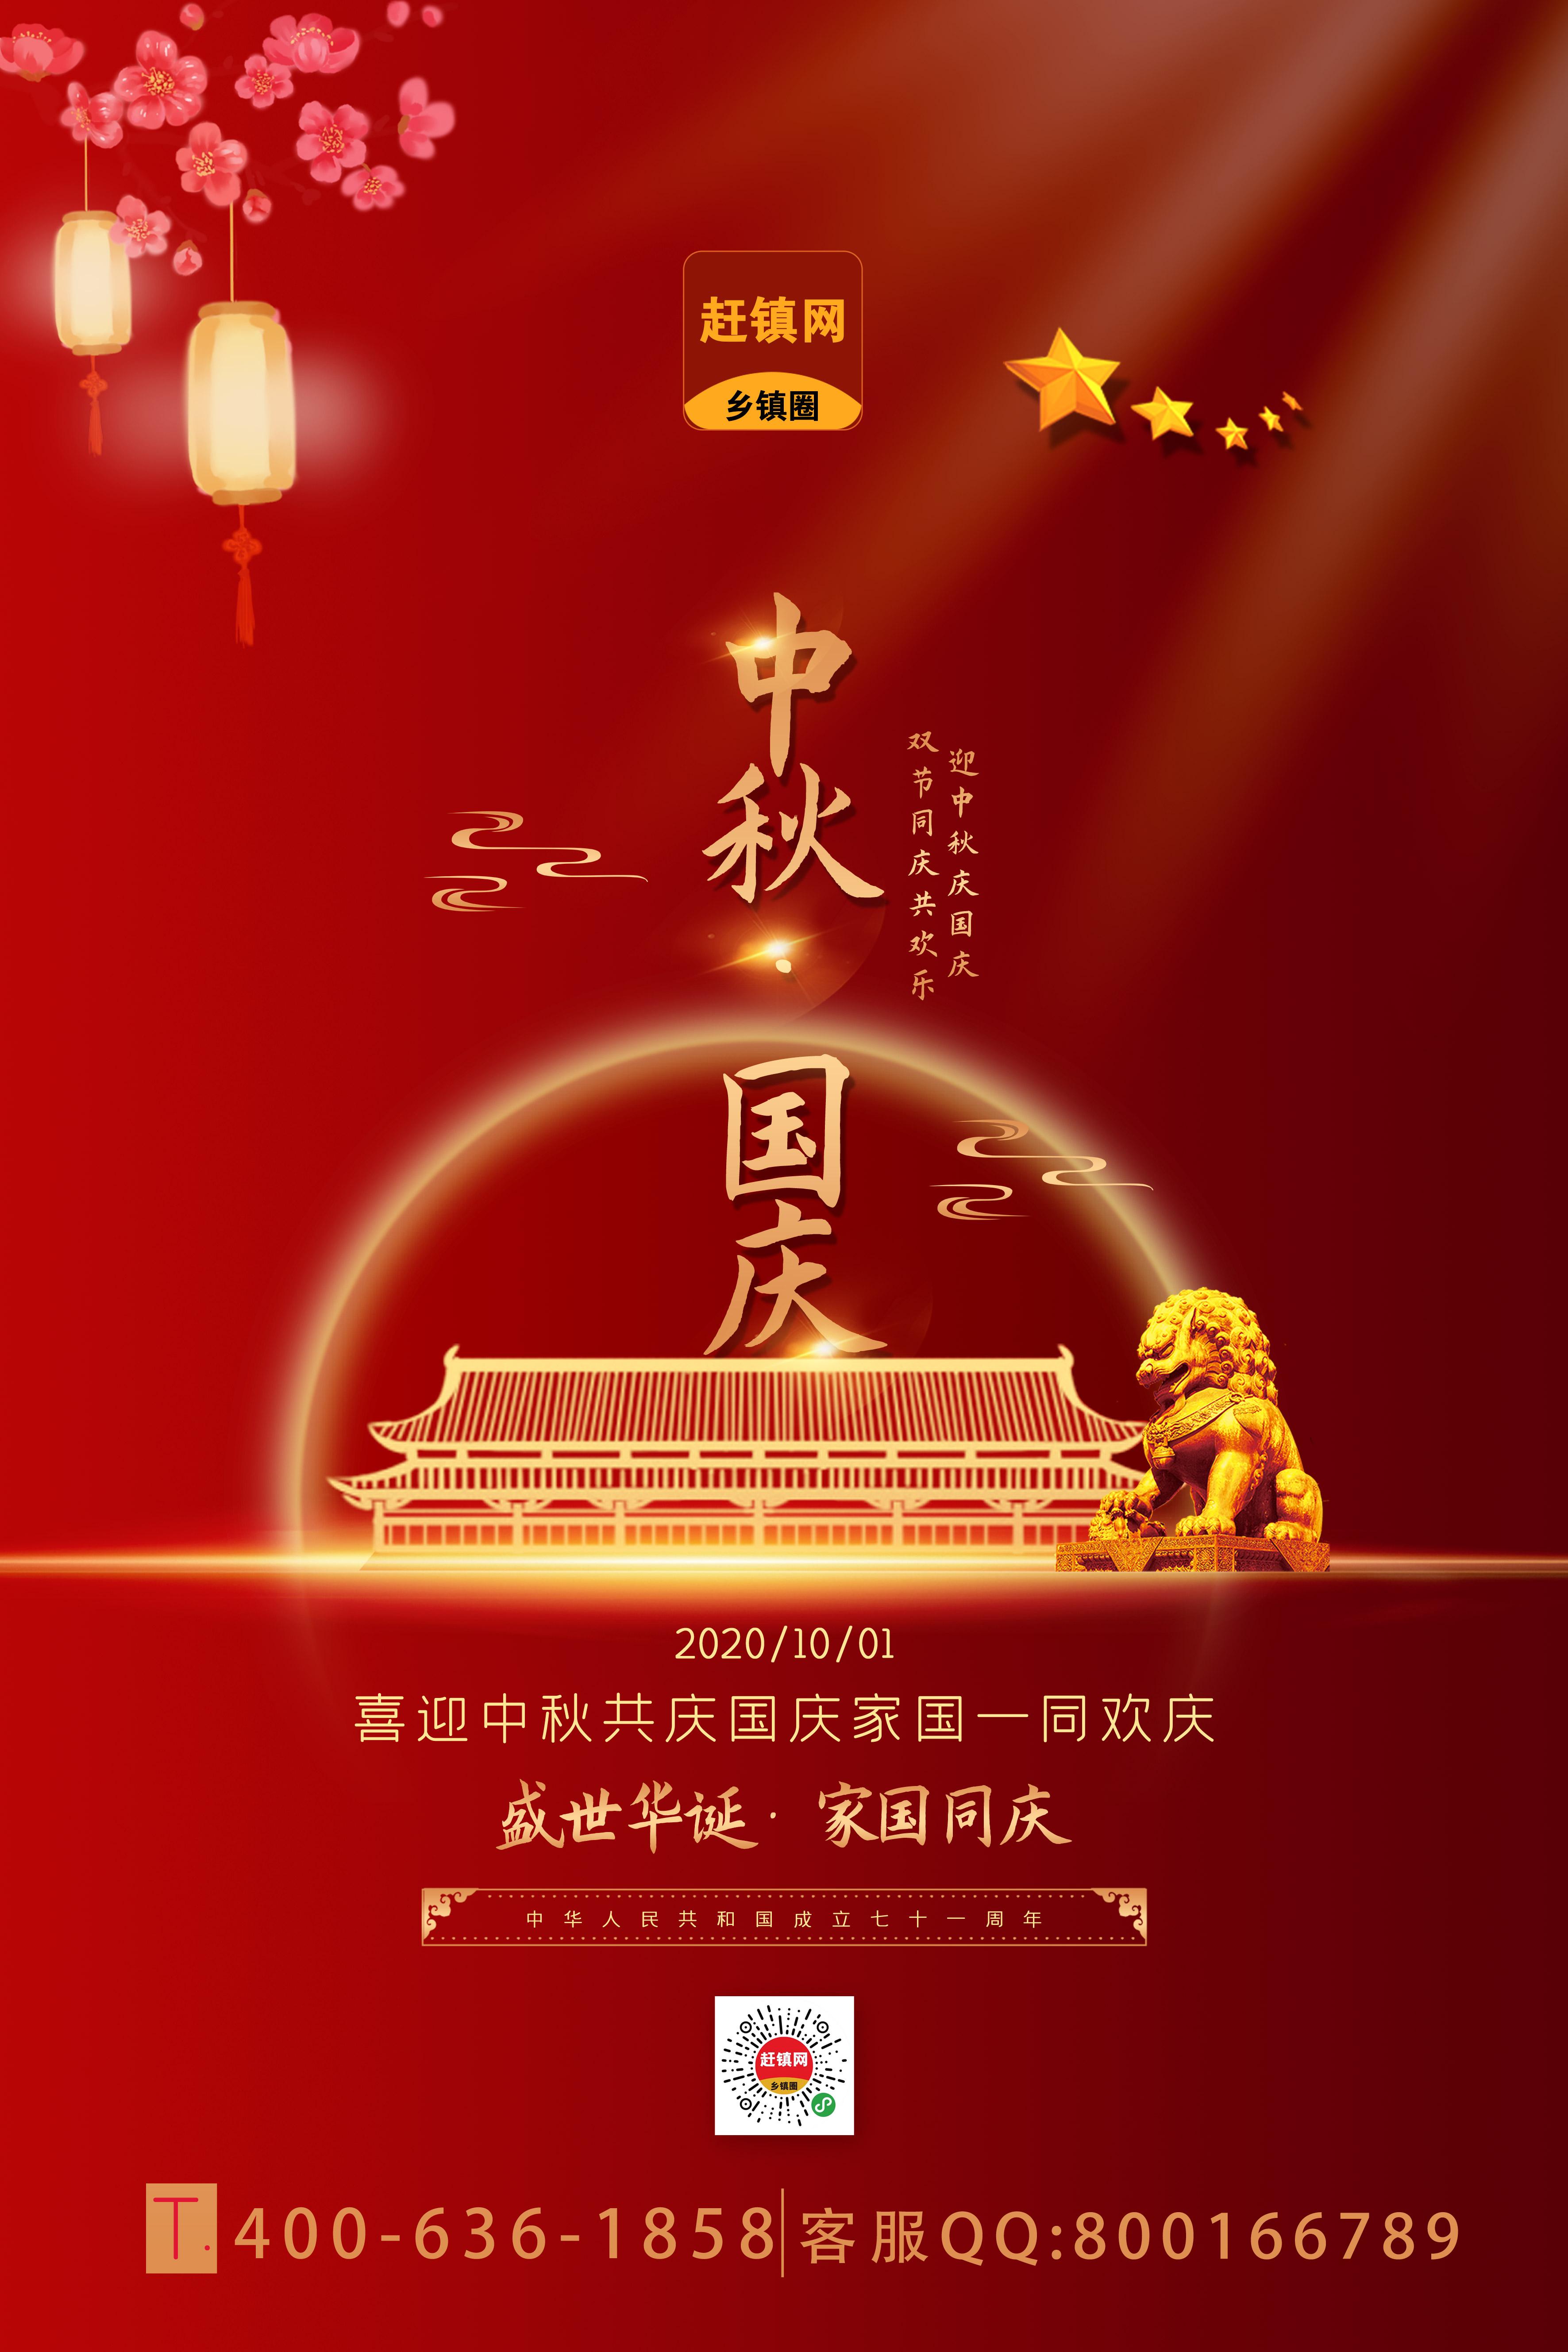 赶镇网国庆中秋双节专题宣传海报